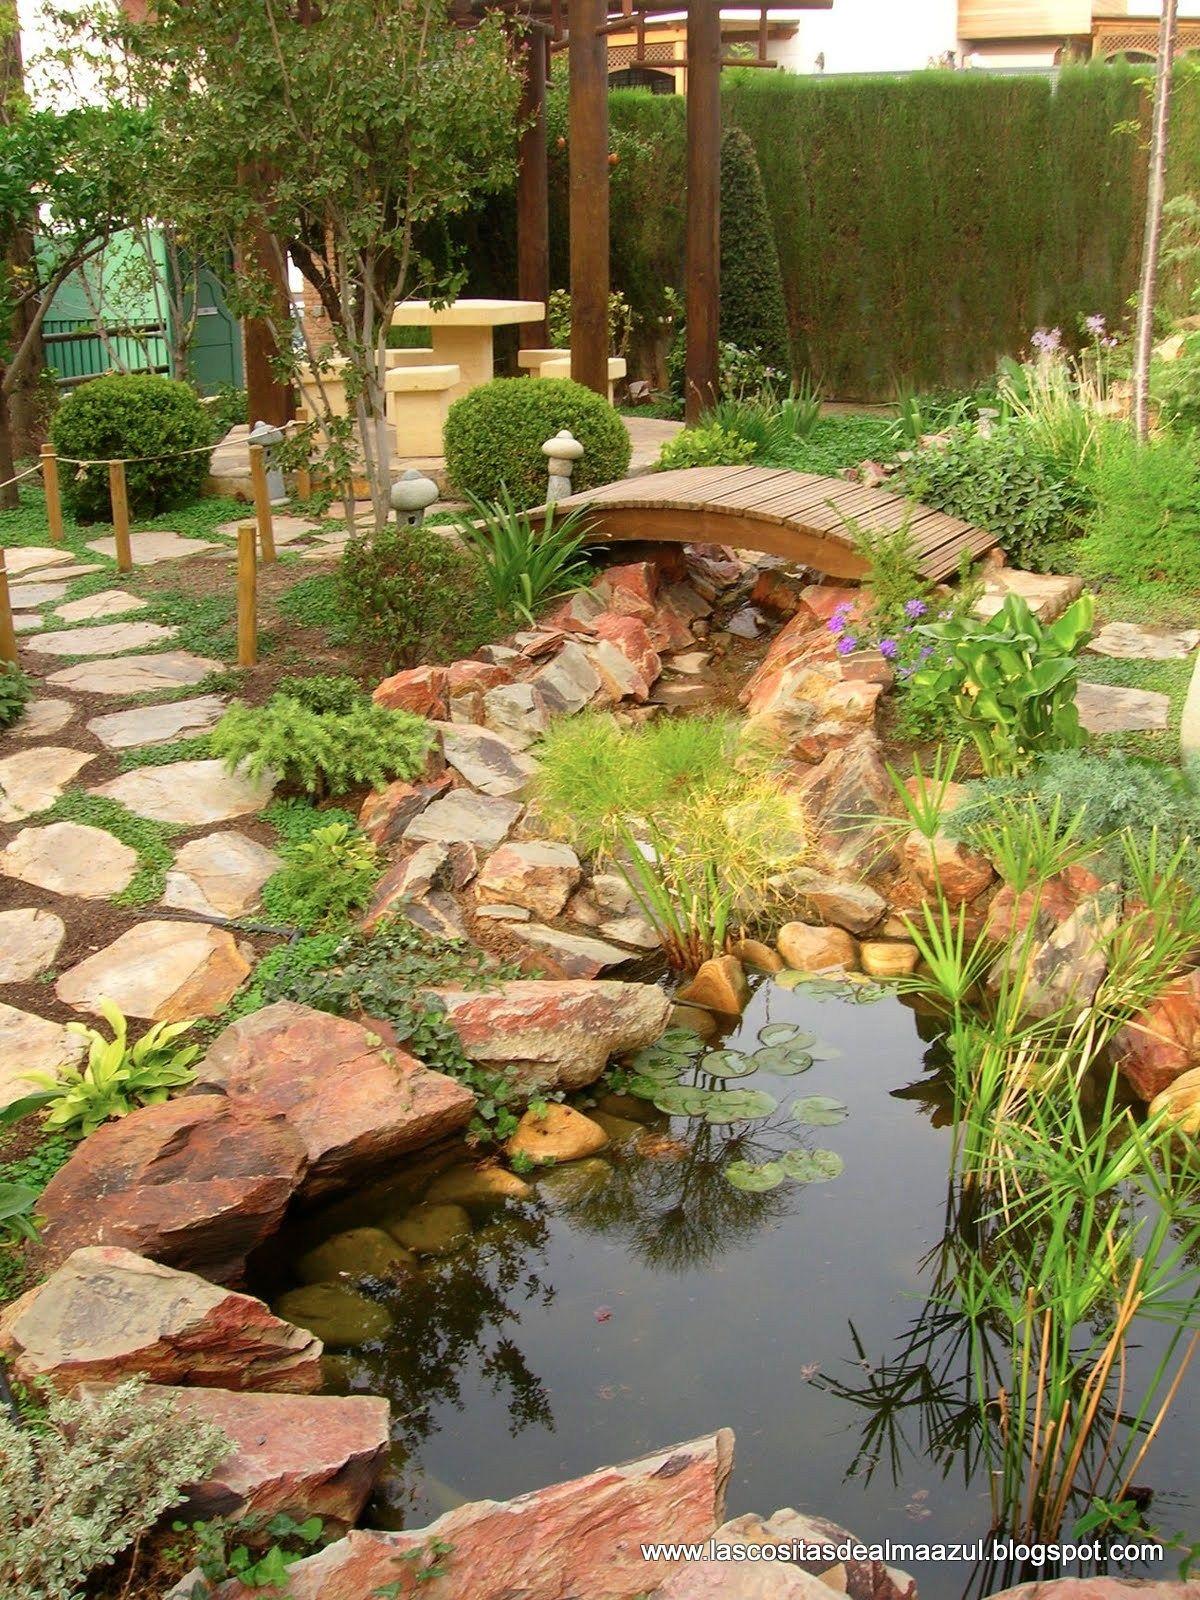 El puente de madera una obra de arte jardines for Jardin japones cursos